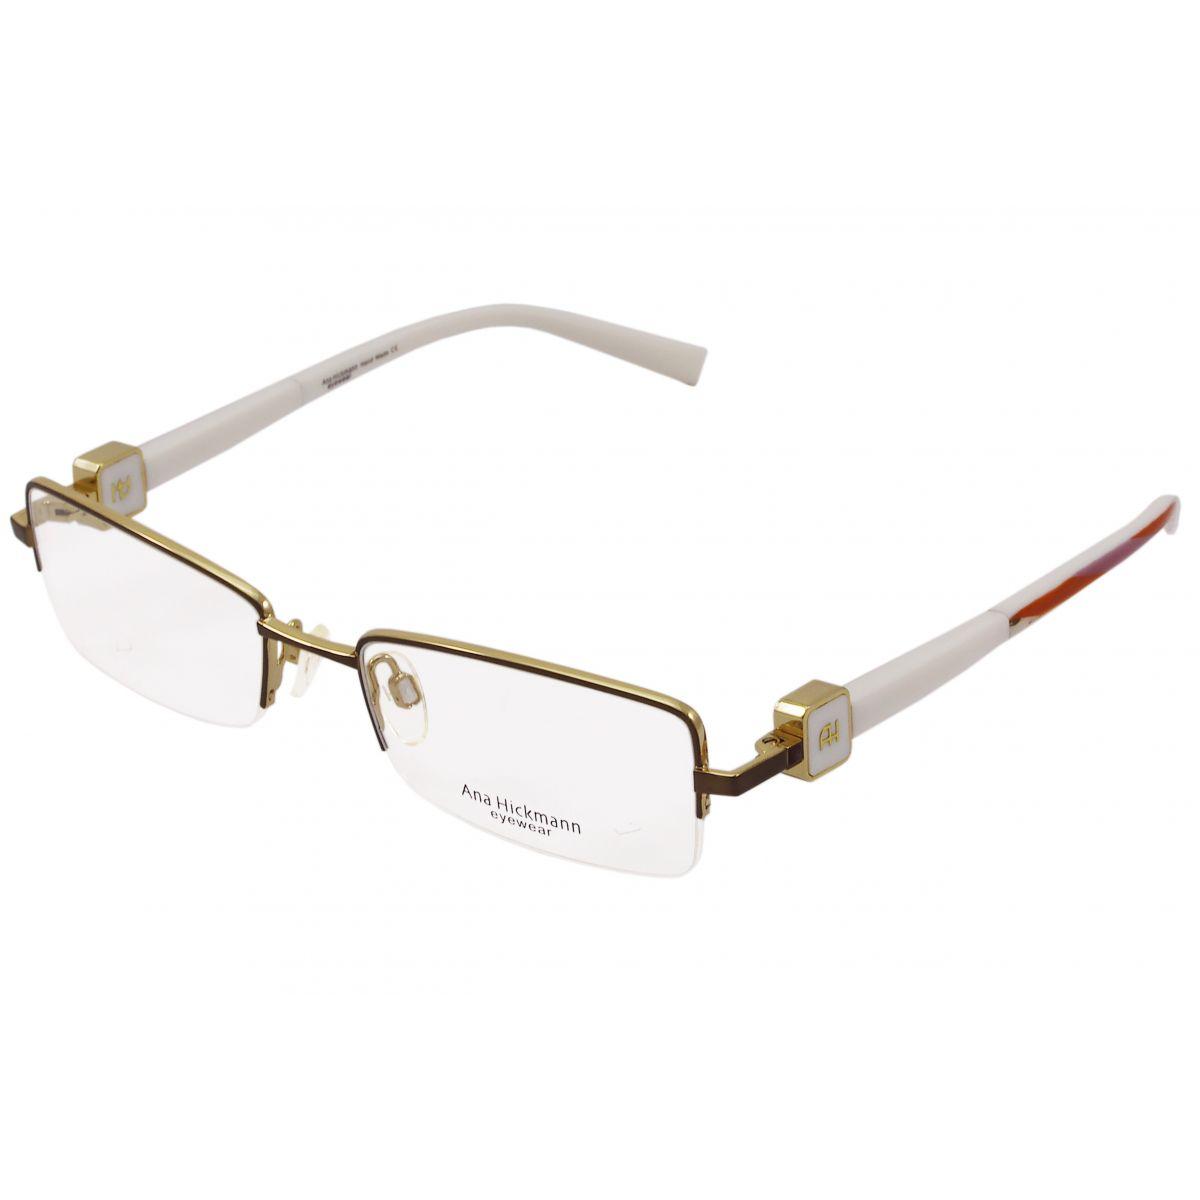 d70c7346a óculos Hb Sicily De Grau | Louisiana Bucket Brigade